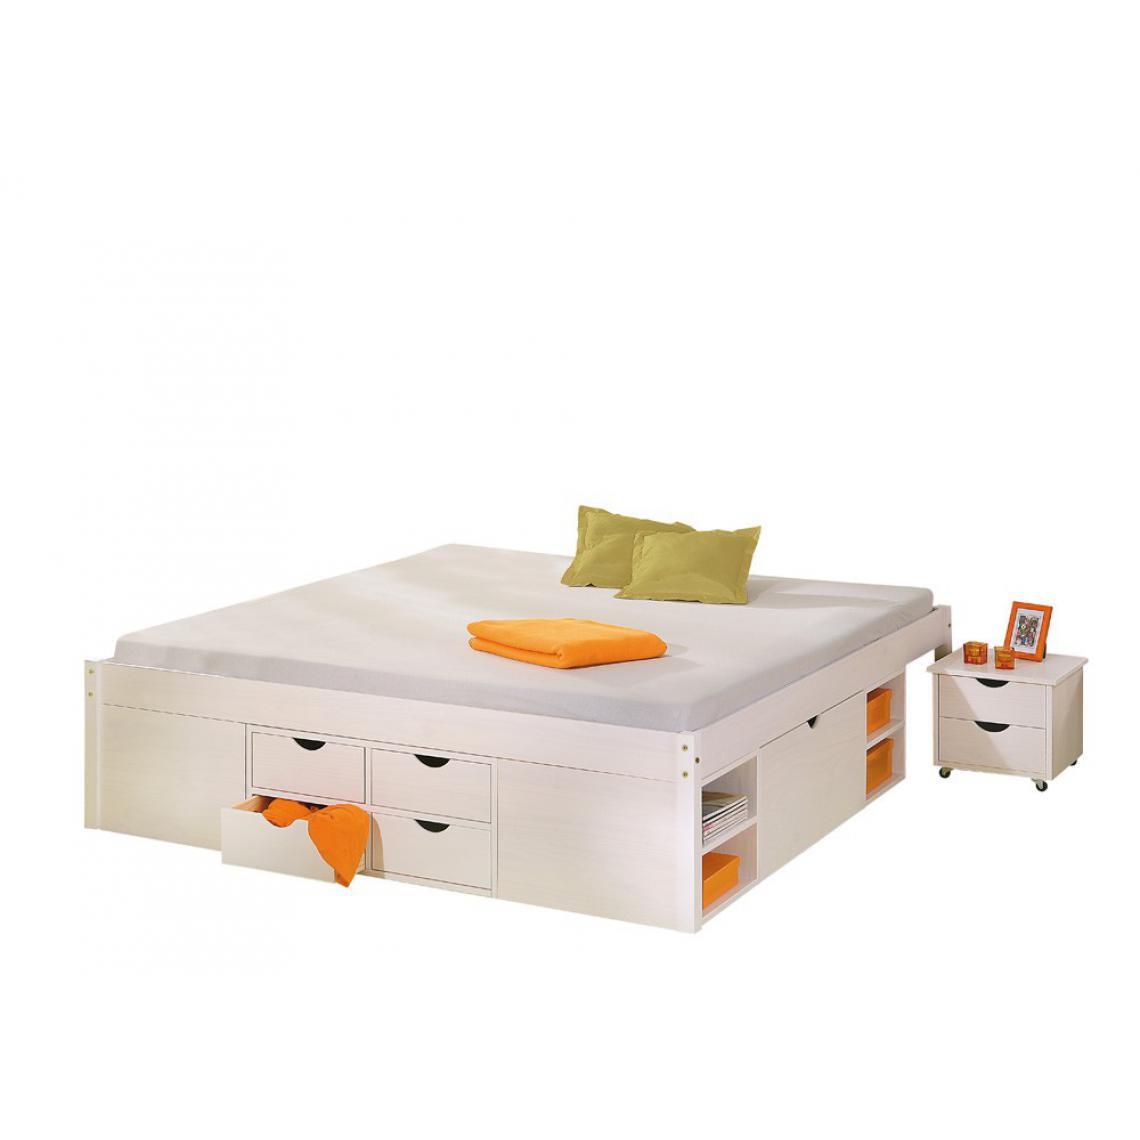 lit en bois avec espaces de rangement mobiles blanc 140x190 kolo